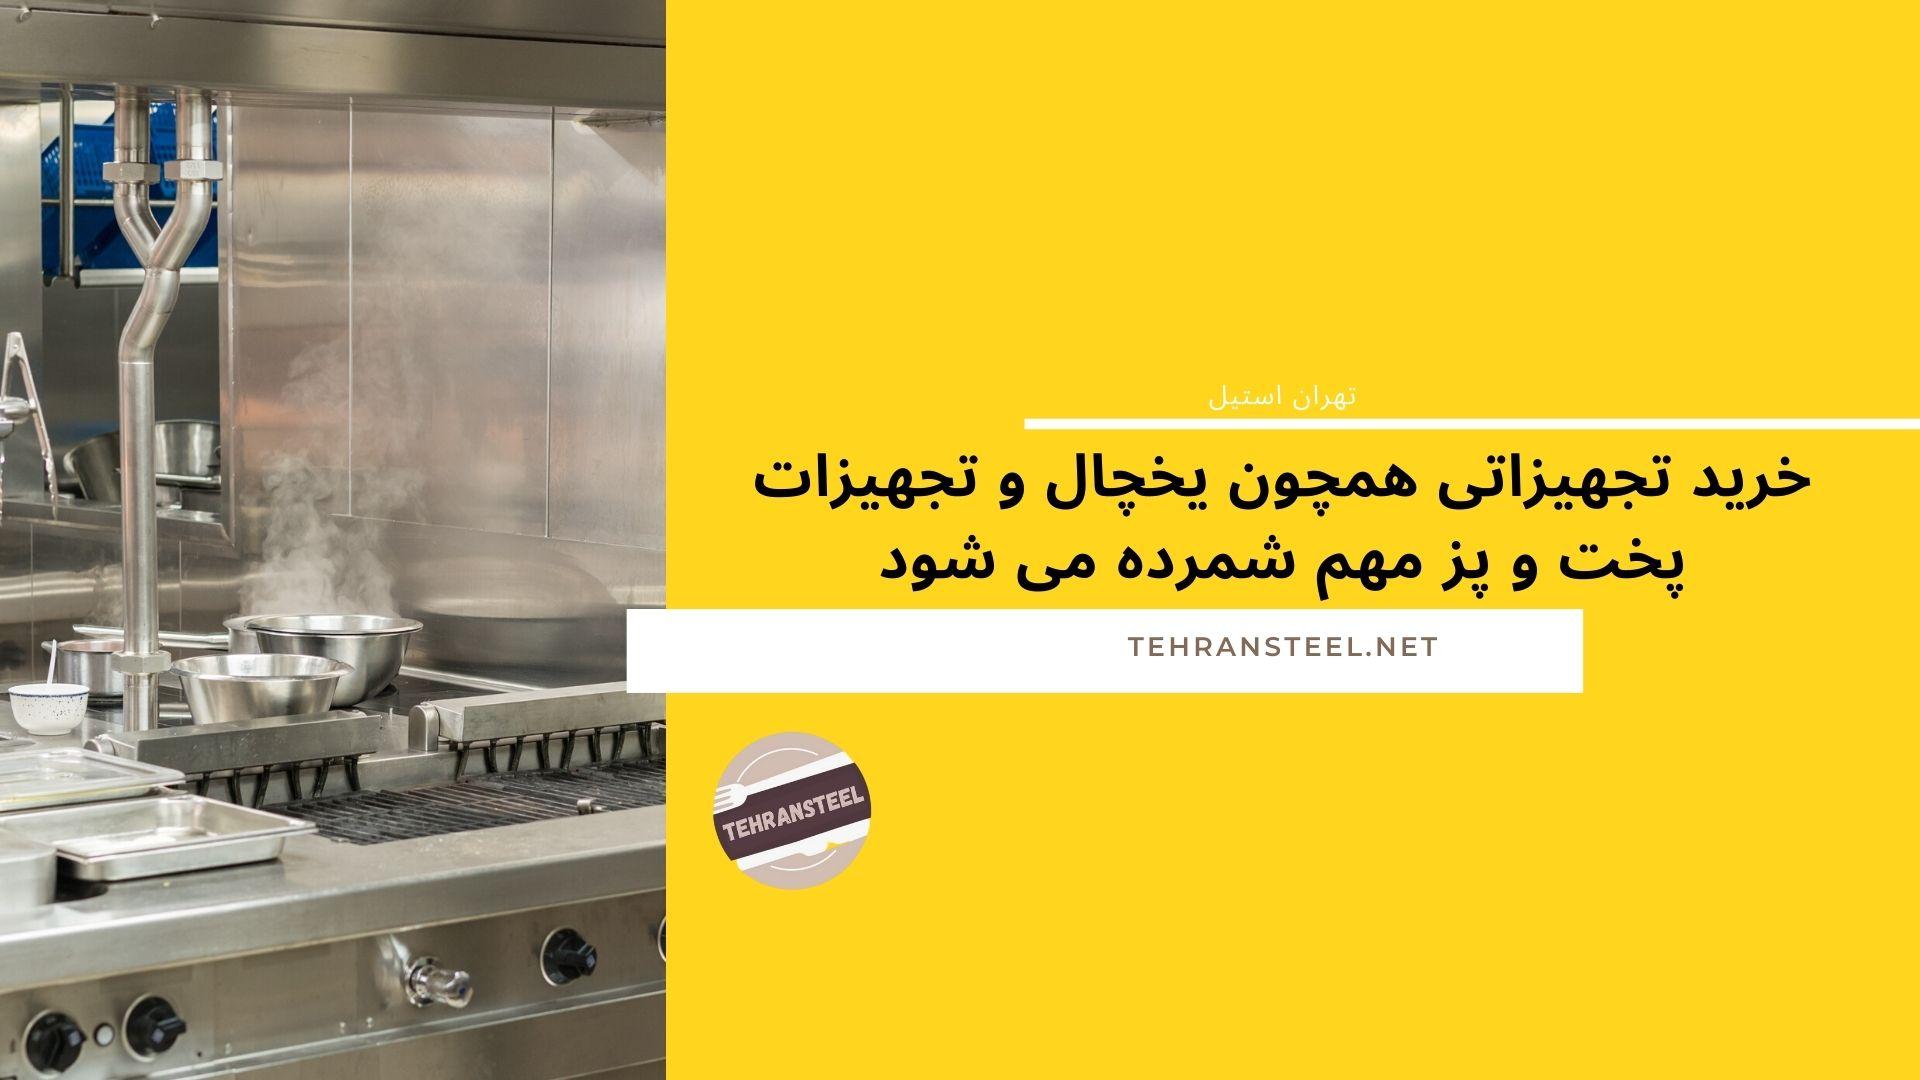 خرید تجهیزاتی همچون یخچال و تجهیزات پخت و پز مهم شمرده می شود